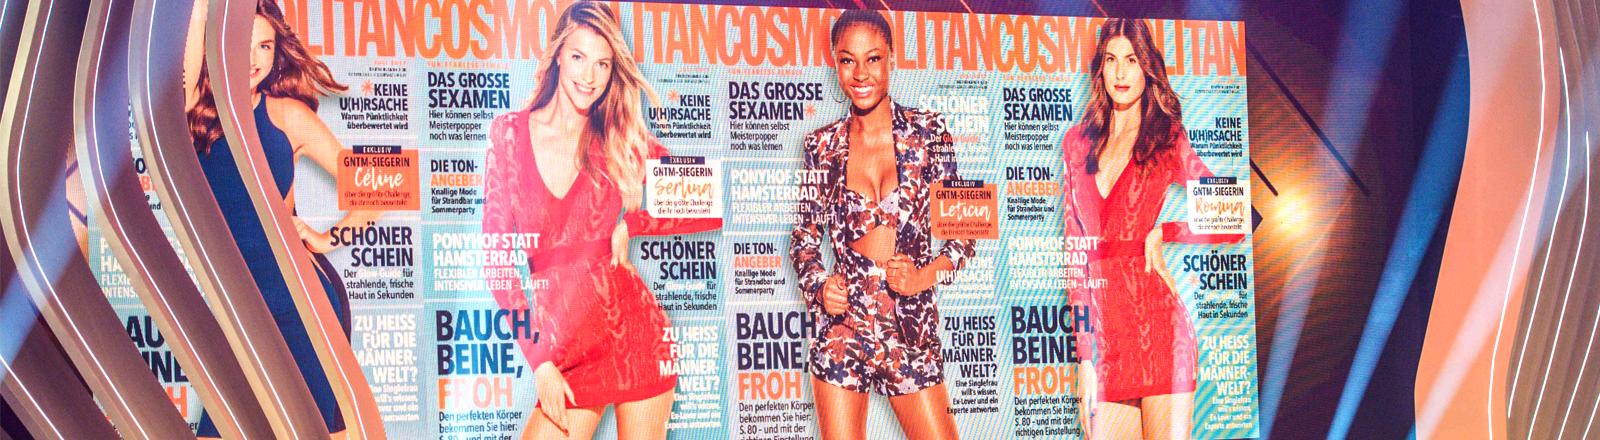 Die Teilnehmerinnen des Germanys next Top Model Finales vor ihren Cosmopolitan-Covern